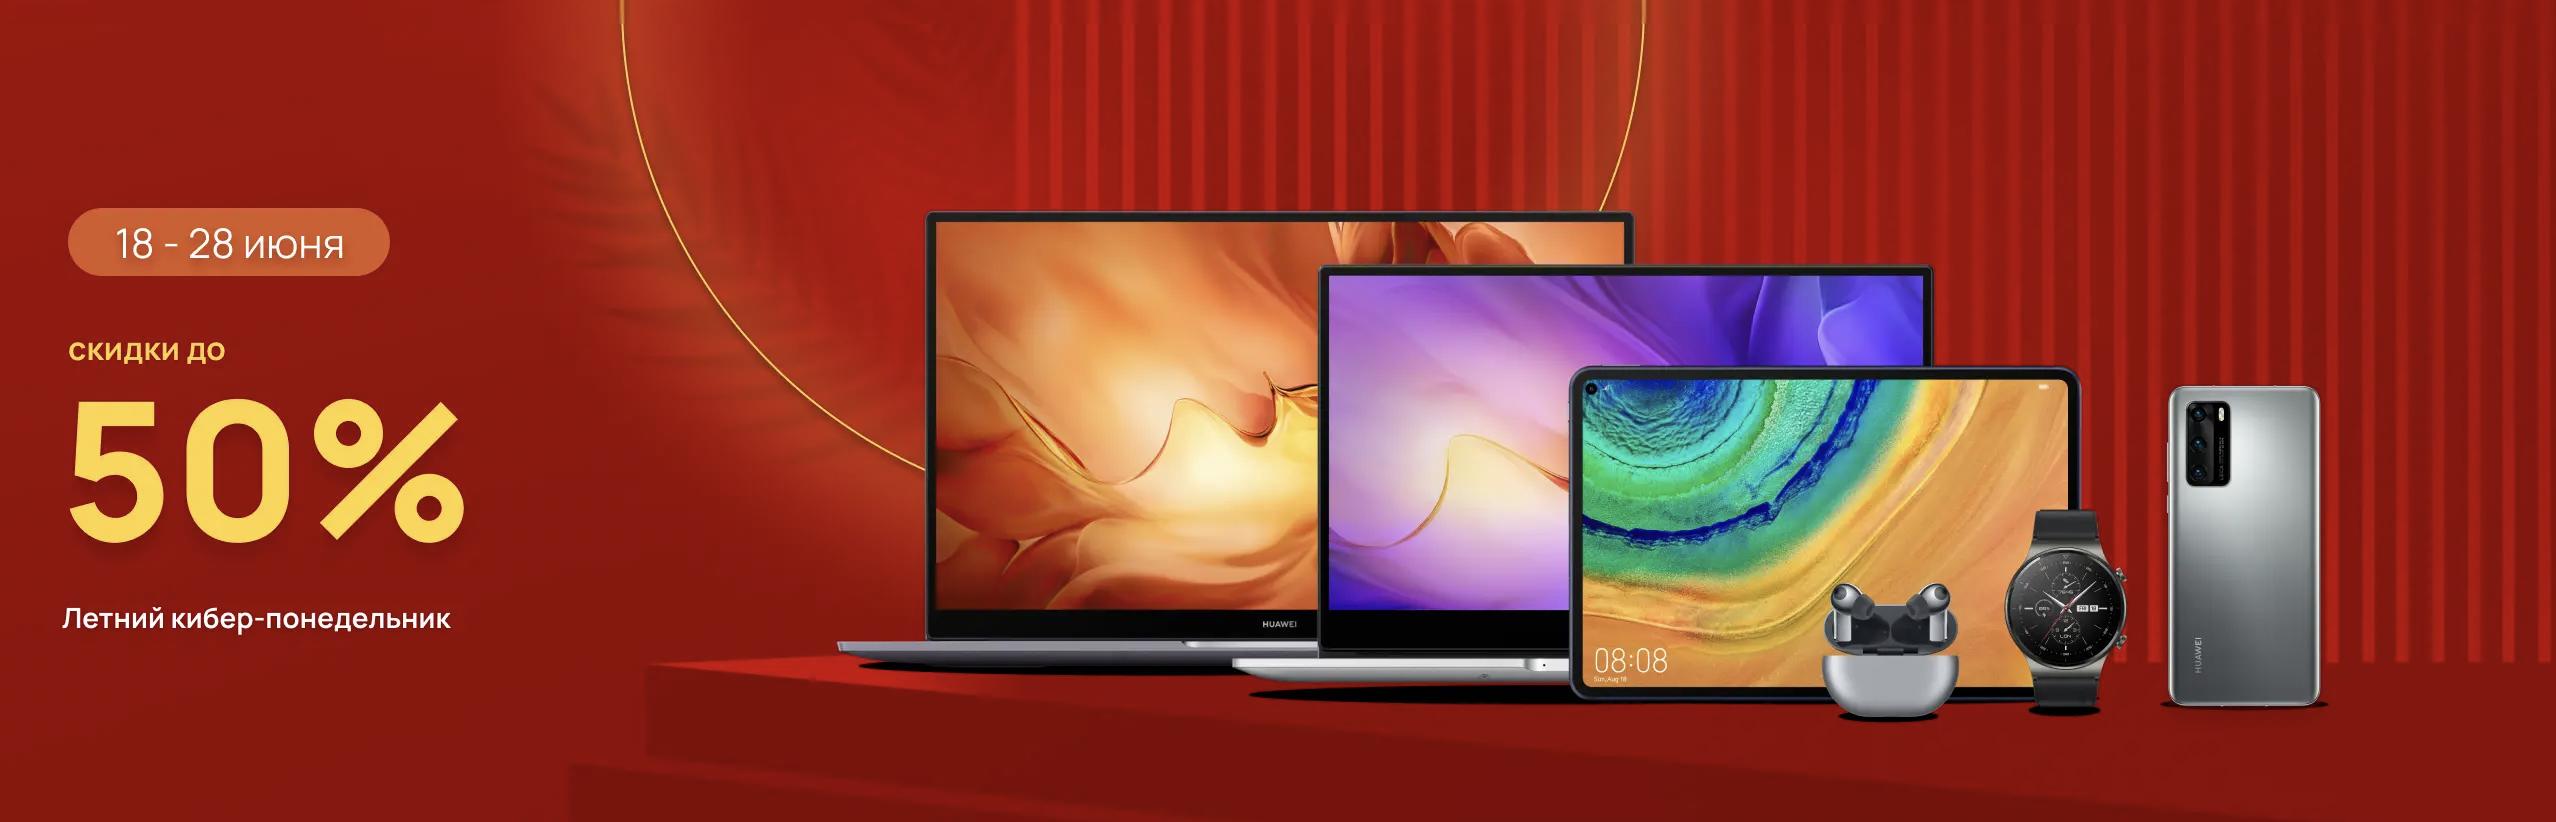 Ноутбуки, умные часы и другие гаджеты Huawei продаются со скидками